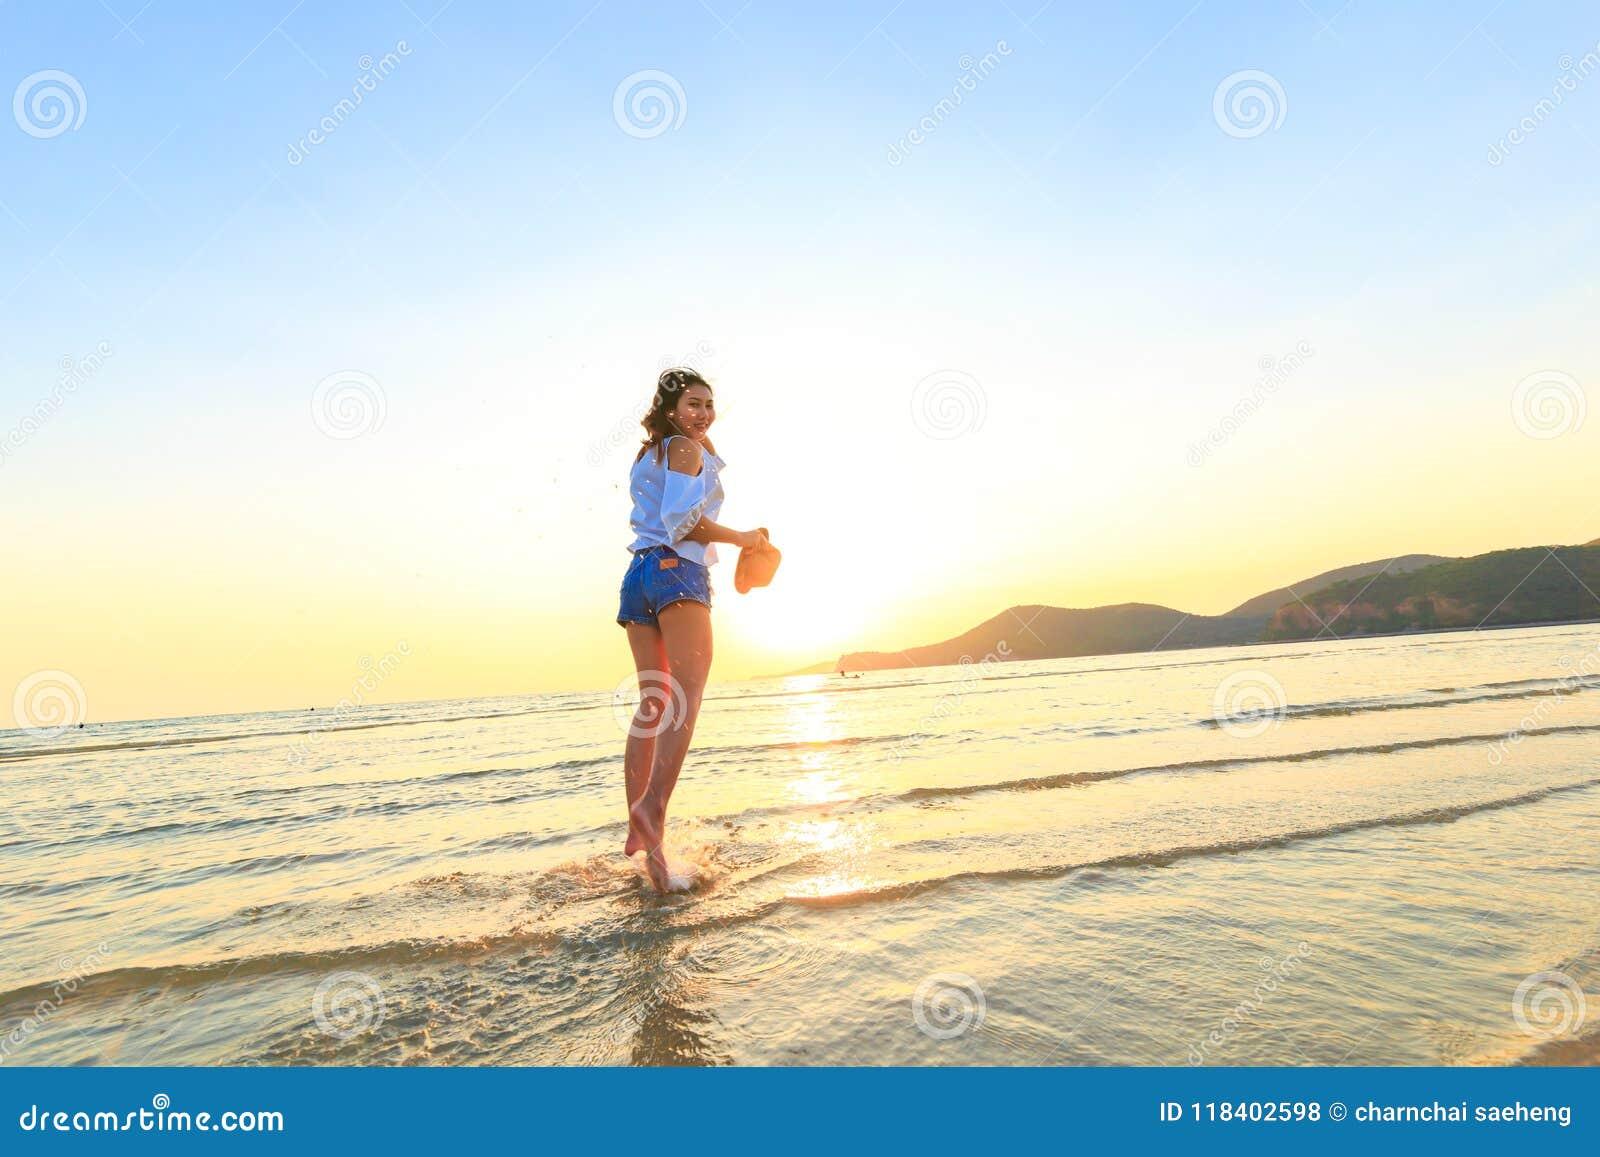 Οι γυναίκες στέκονται και κρατούν το καπέλο στην παραλία μεταξύ του ηλιοβασιλέματος